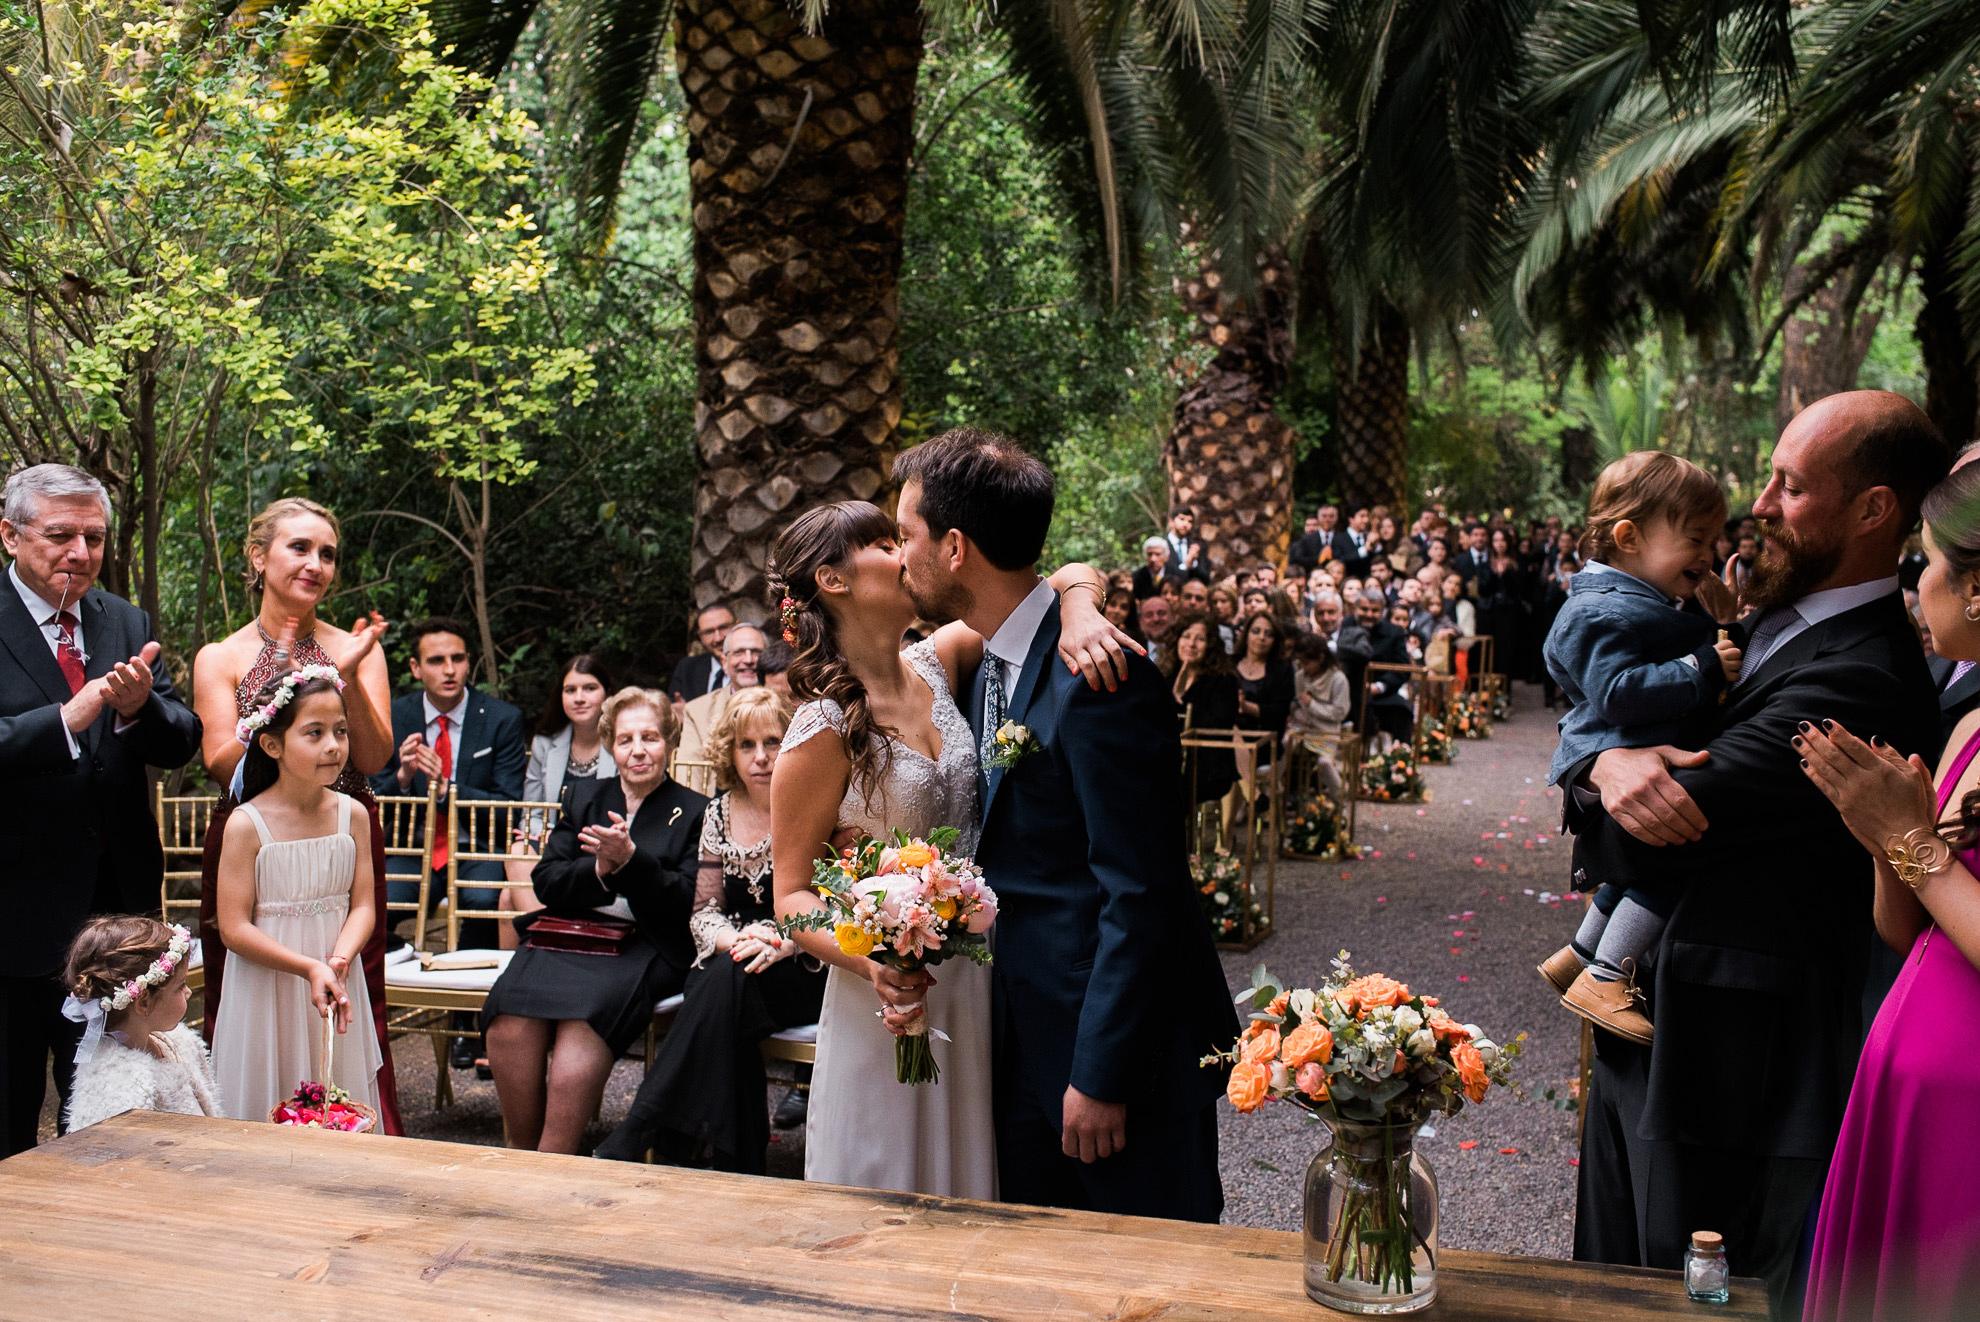 037_matrimonio casa parque nos.jpg